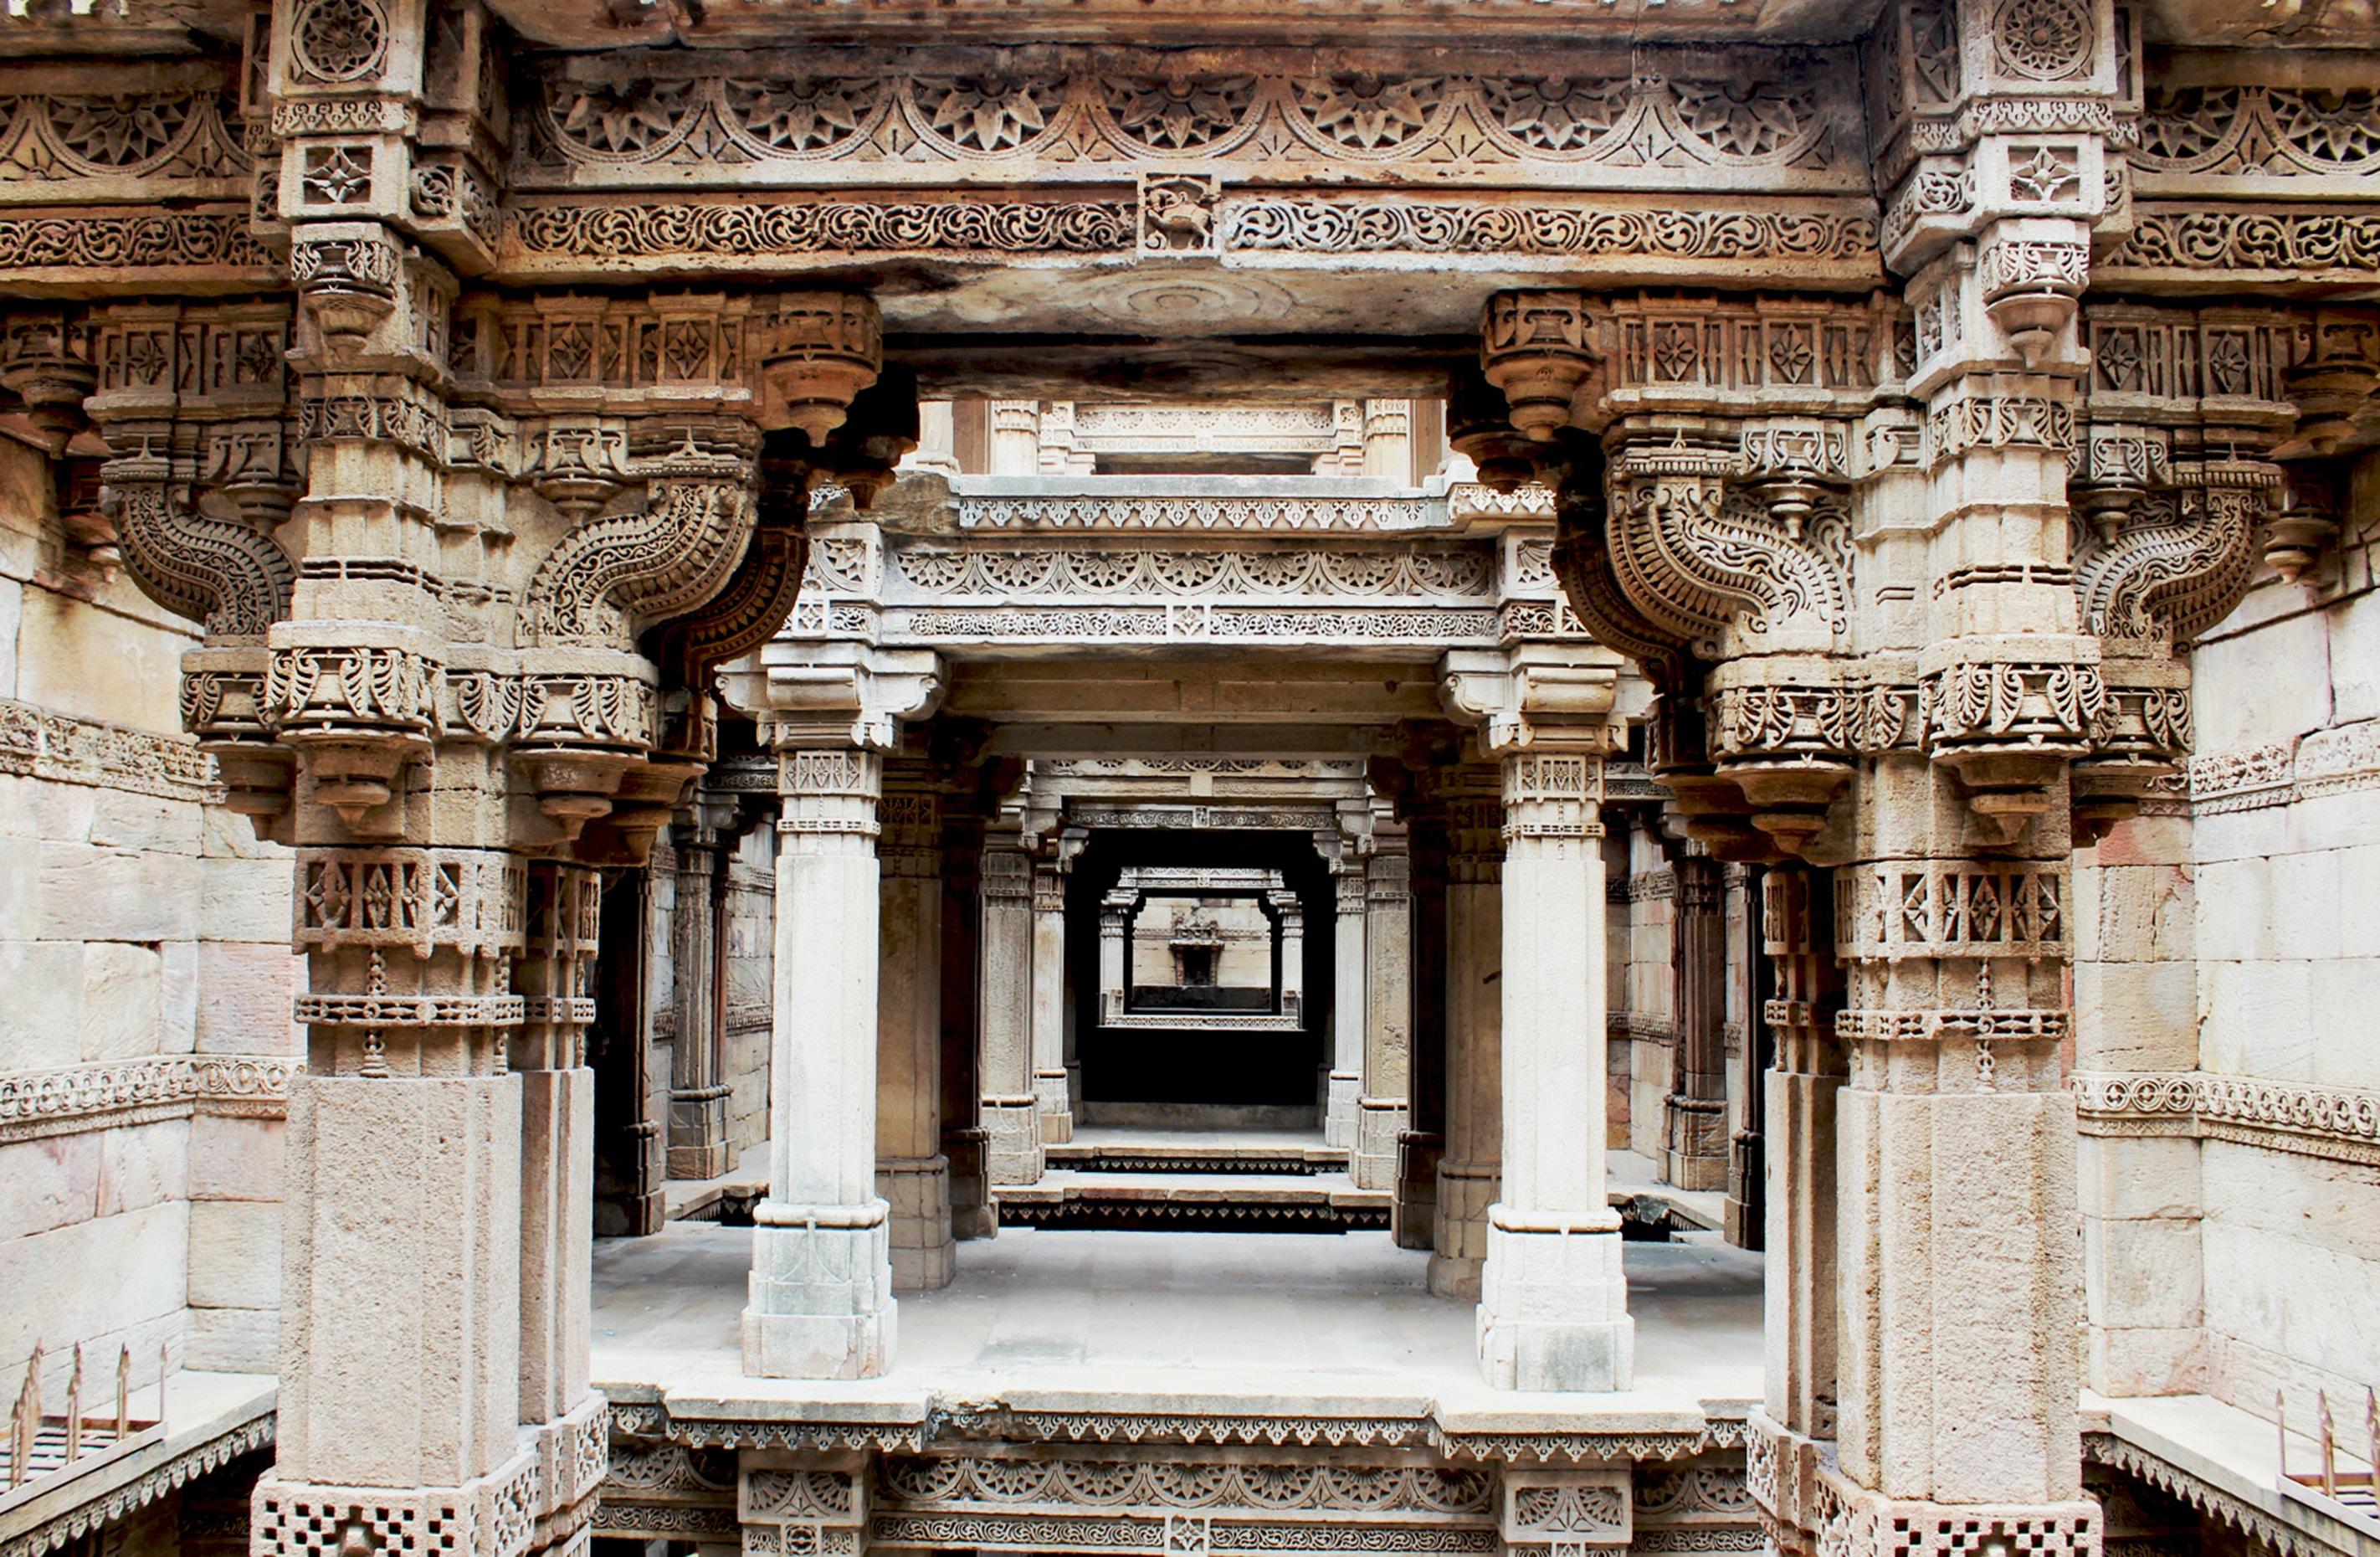 stone pillars during daytime